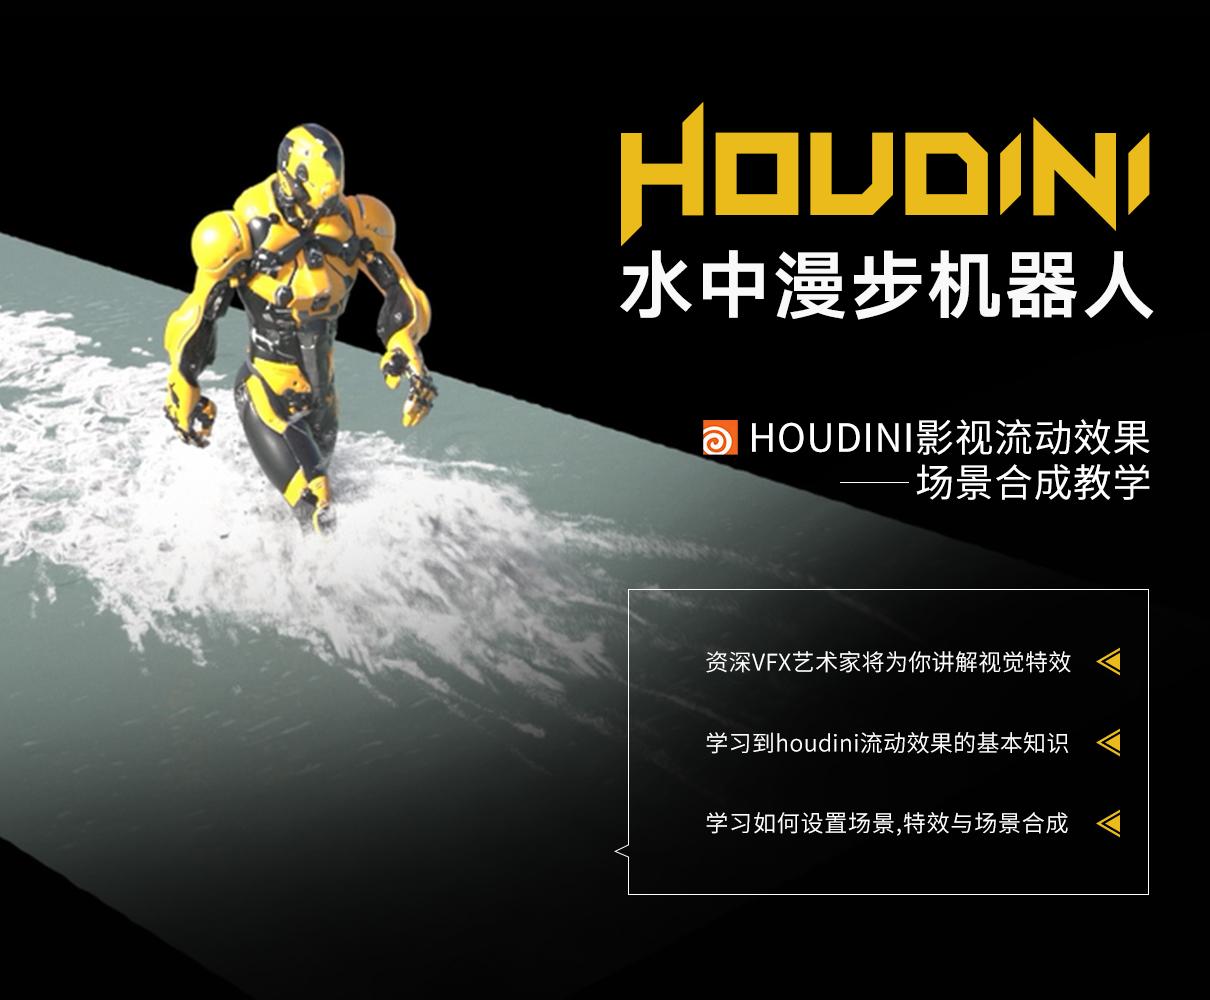 houdini怎么制作流动特效